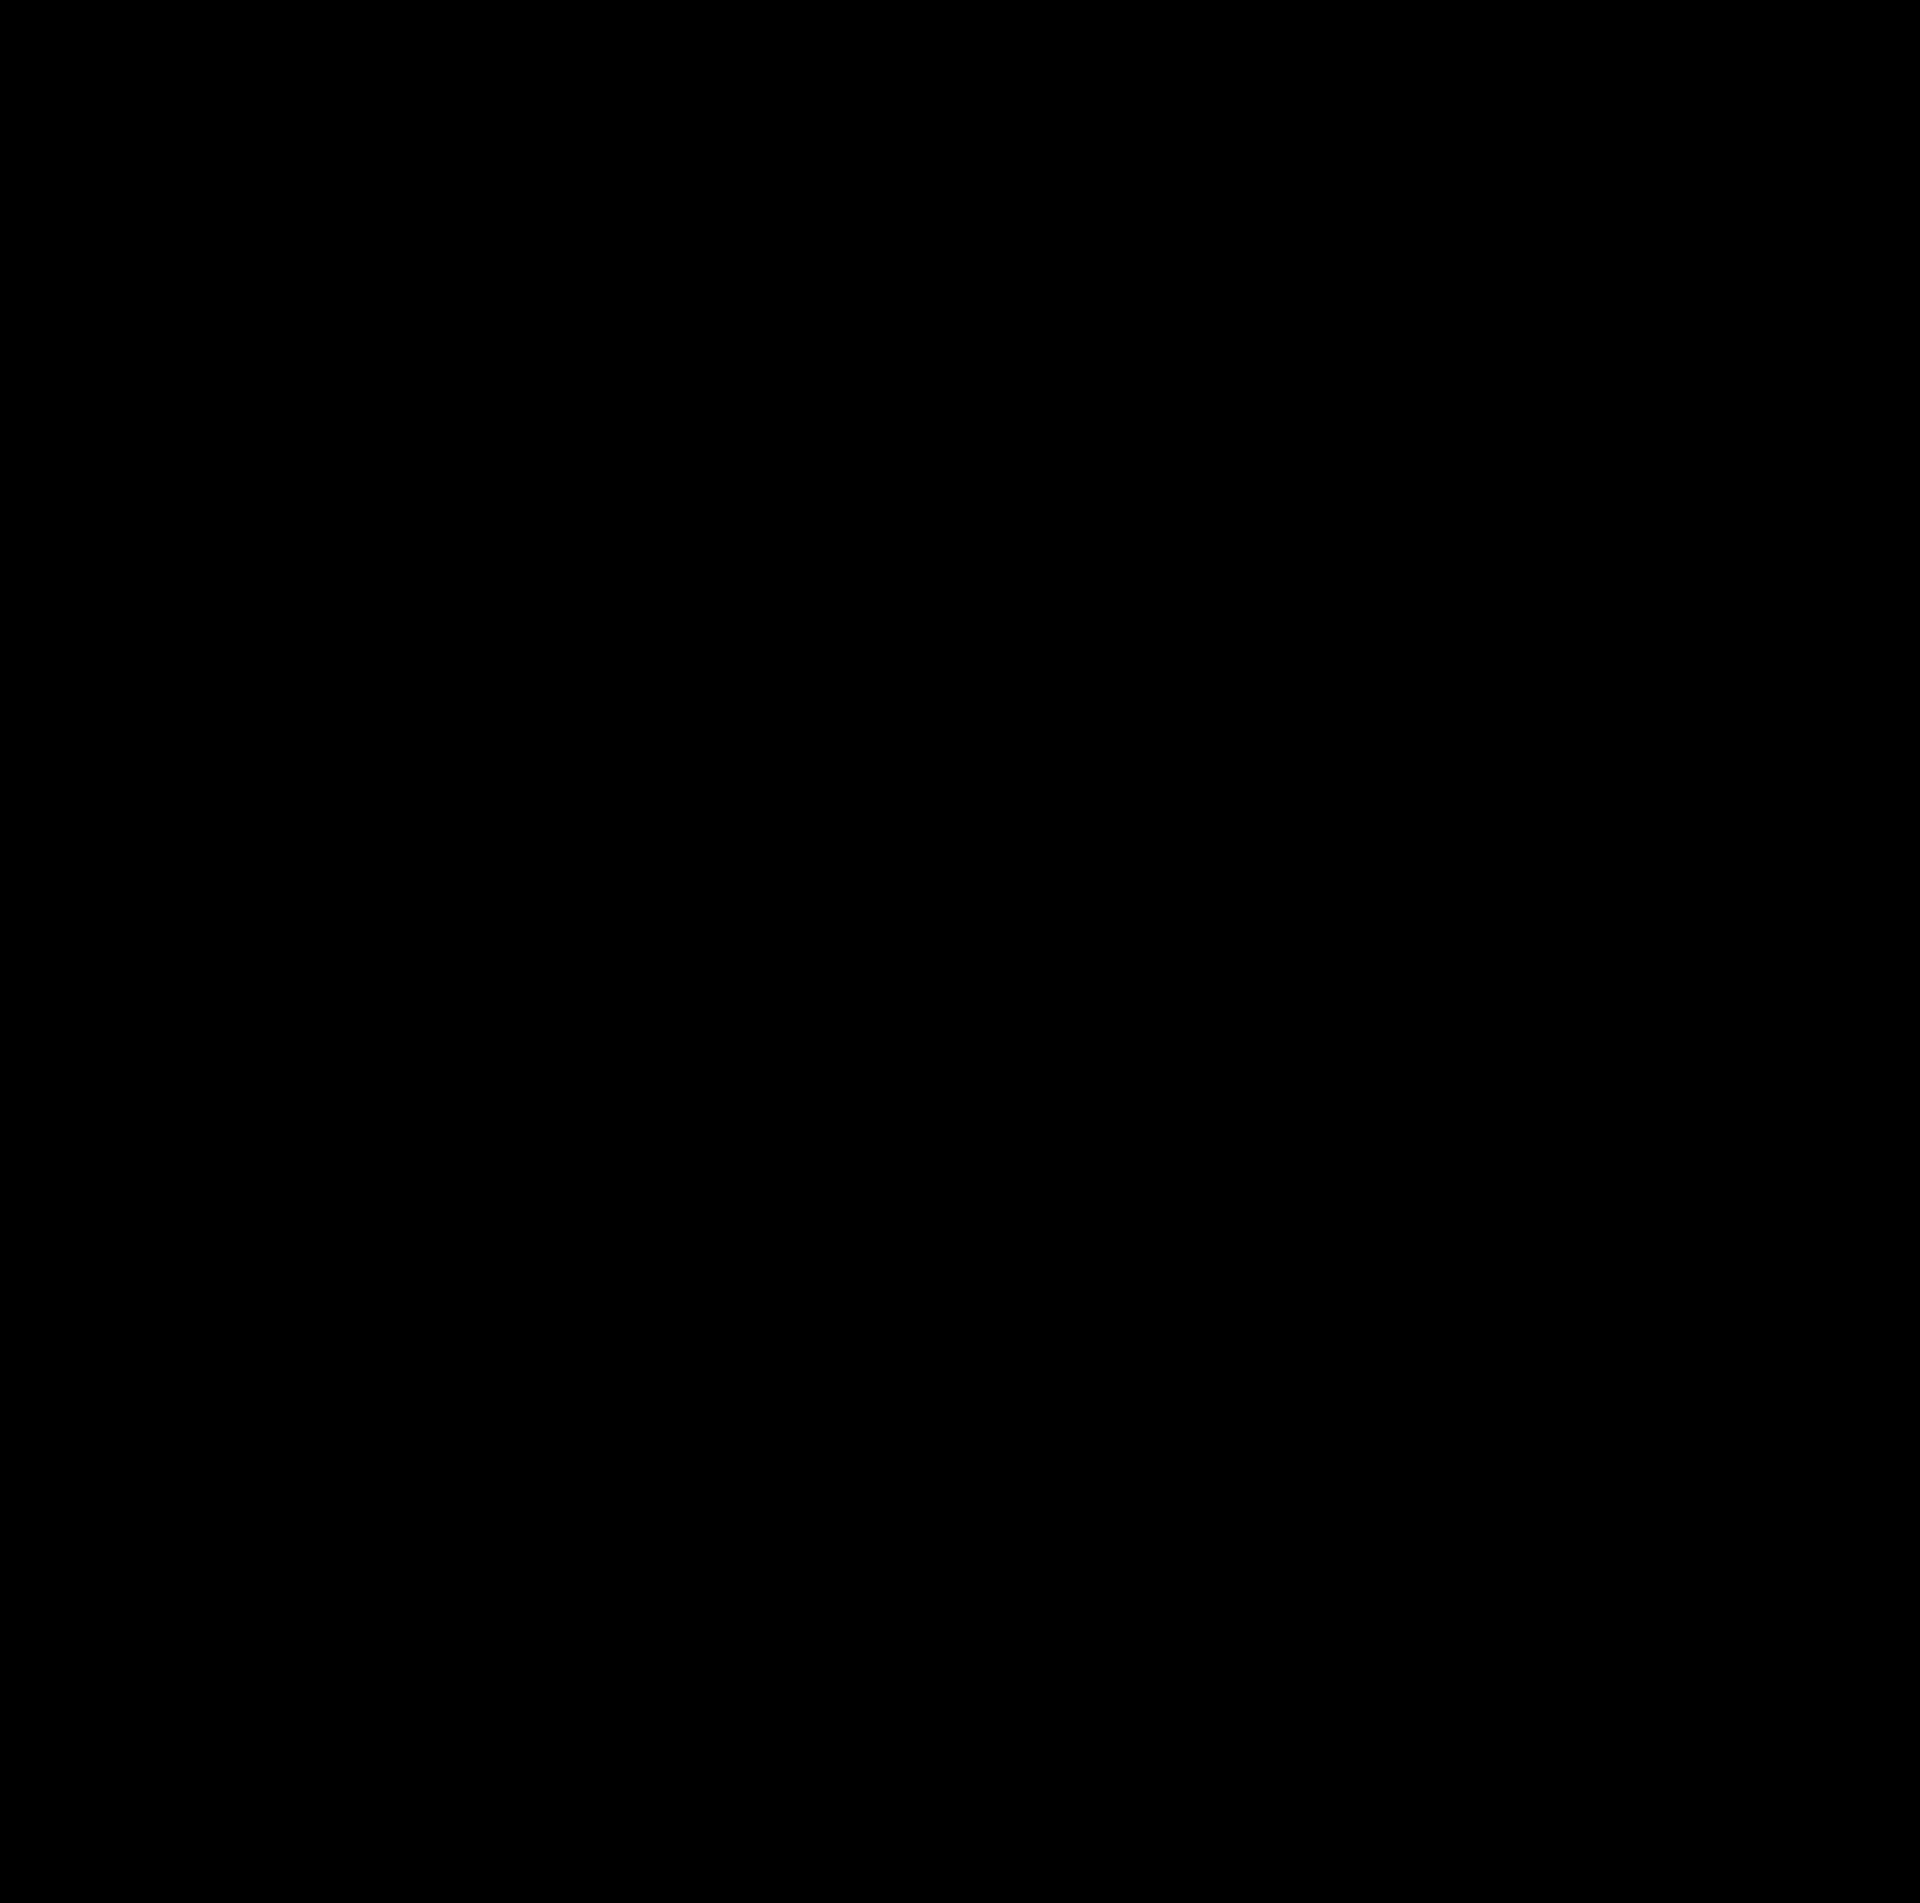 ยาทน69 - อาหารเสริมผู้ชาย,ยาทนสมุนไพร ยอดผู้ใช้ อันดับ 1 ปี 2018